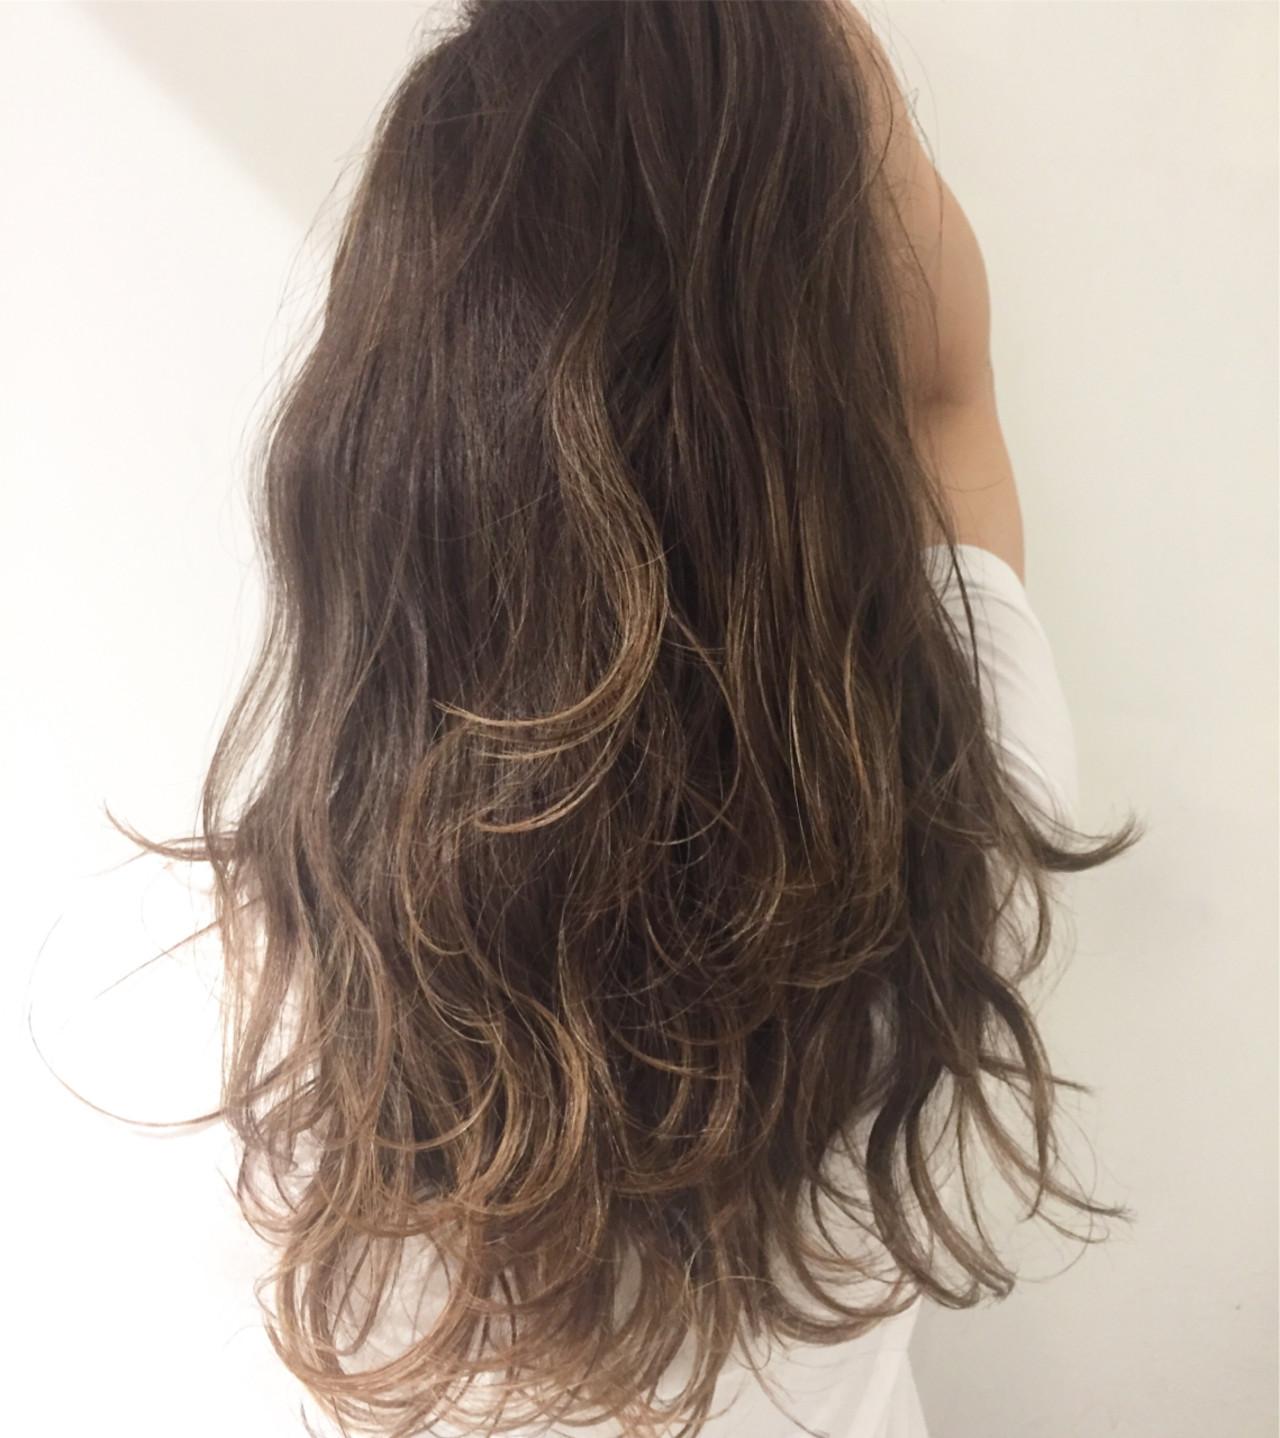 ハイライト グレージュ 外国人風カラー ロング ヘアスタイルや髪型の写真・画像 | 大石 卓 / Ticro hair